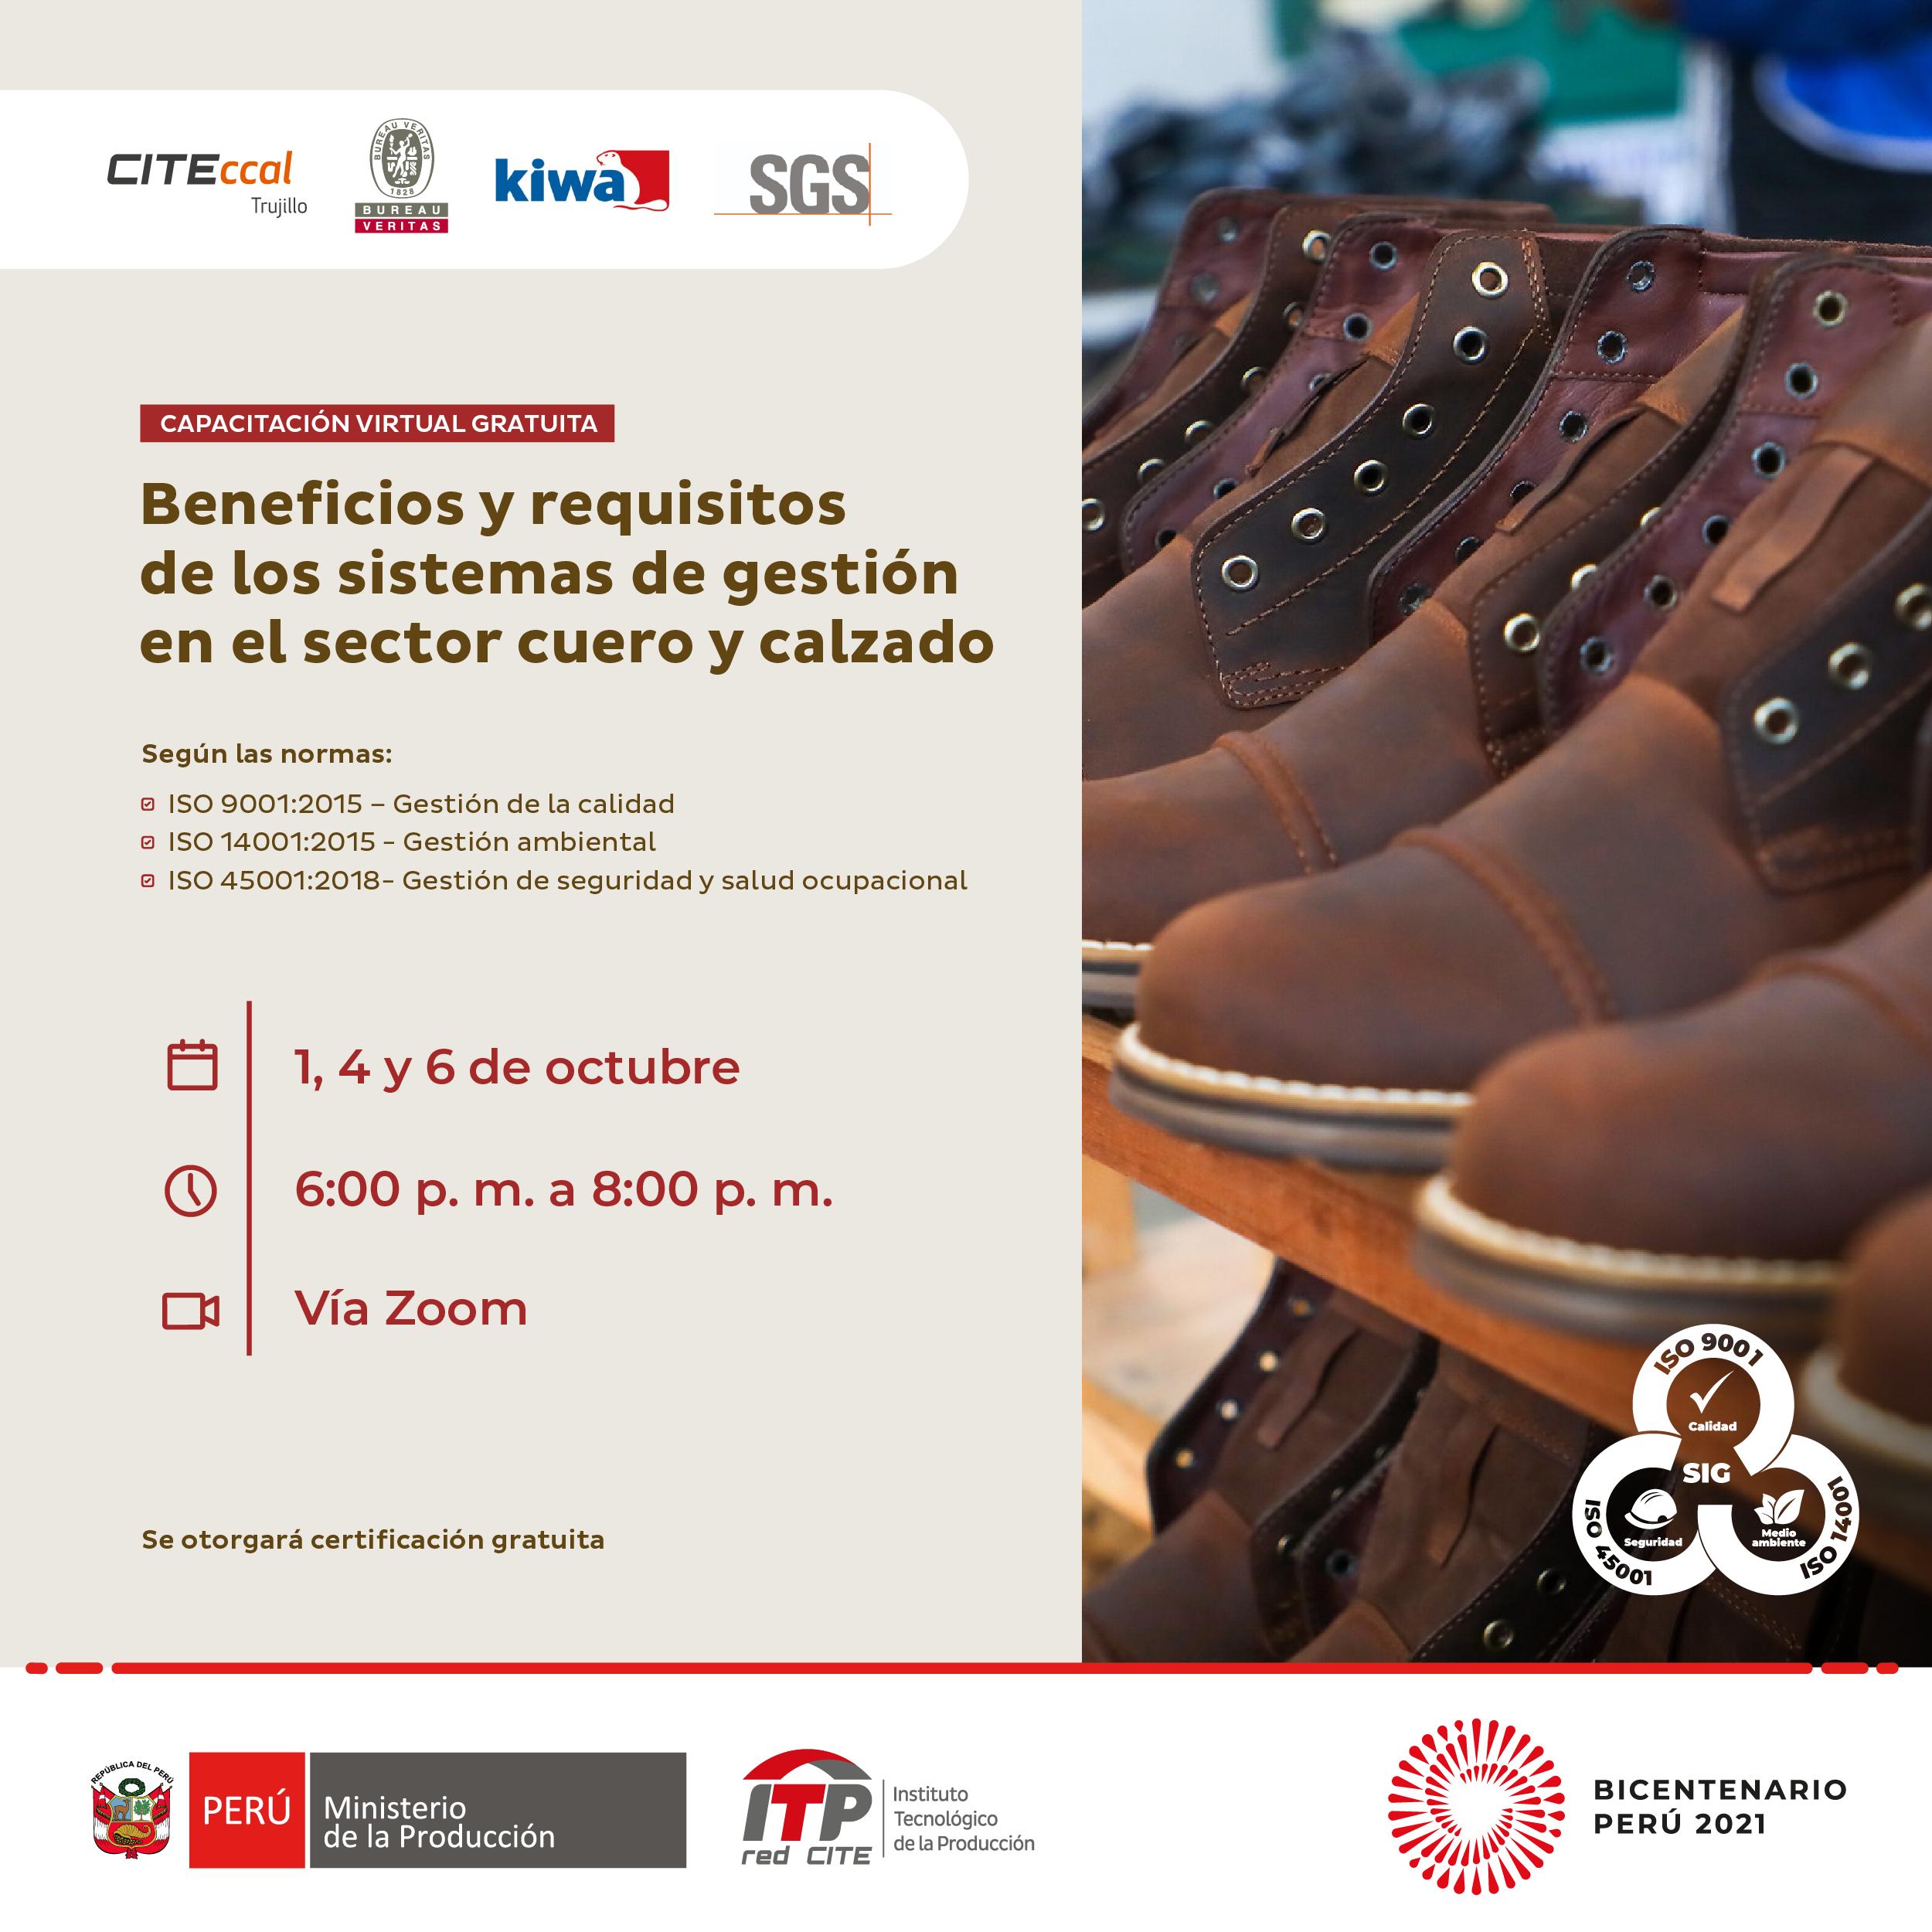 Beneficios y requisitos de los sistemas de gestión en el sector cuero y calzado